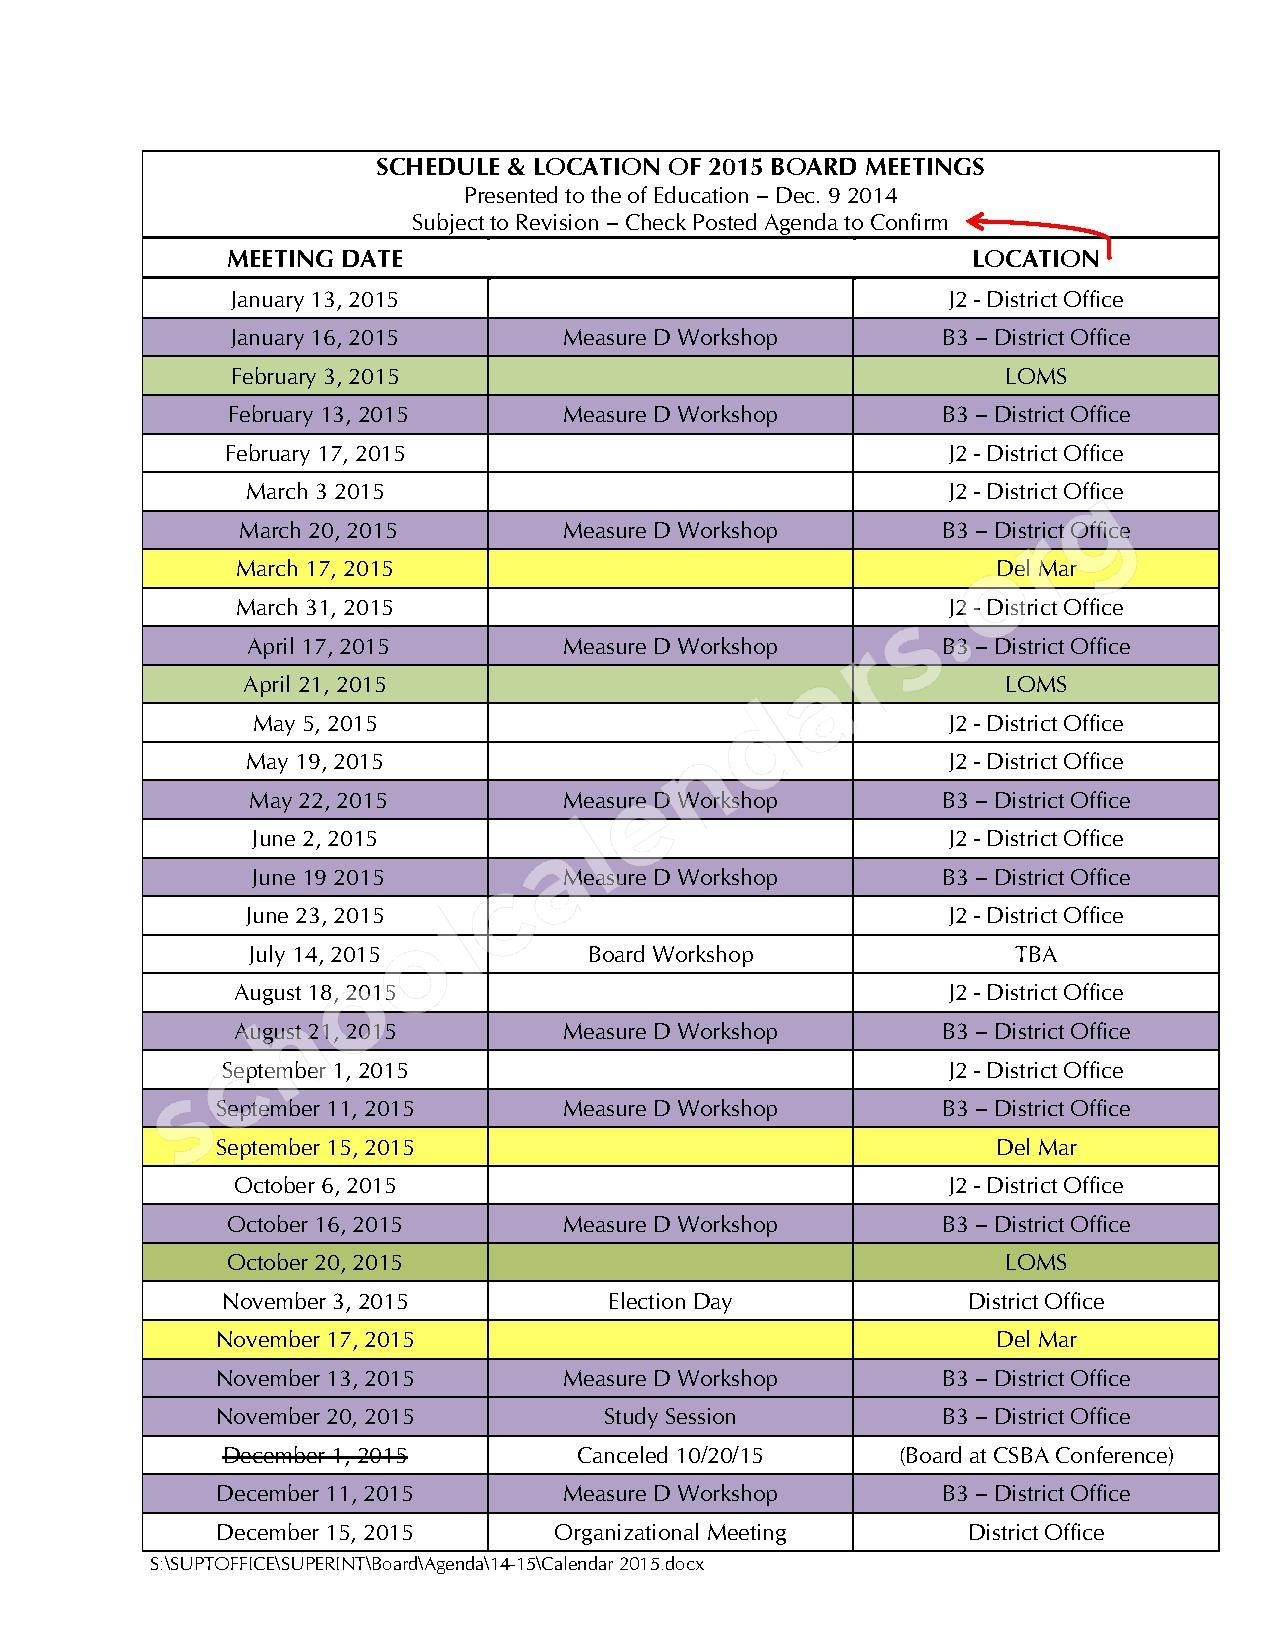 del mar 2015 meet dates